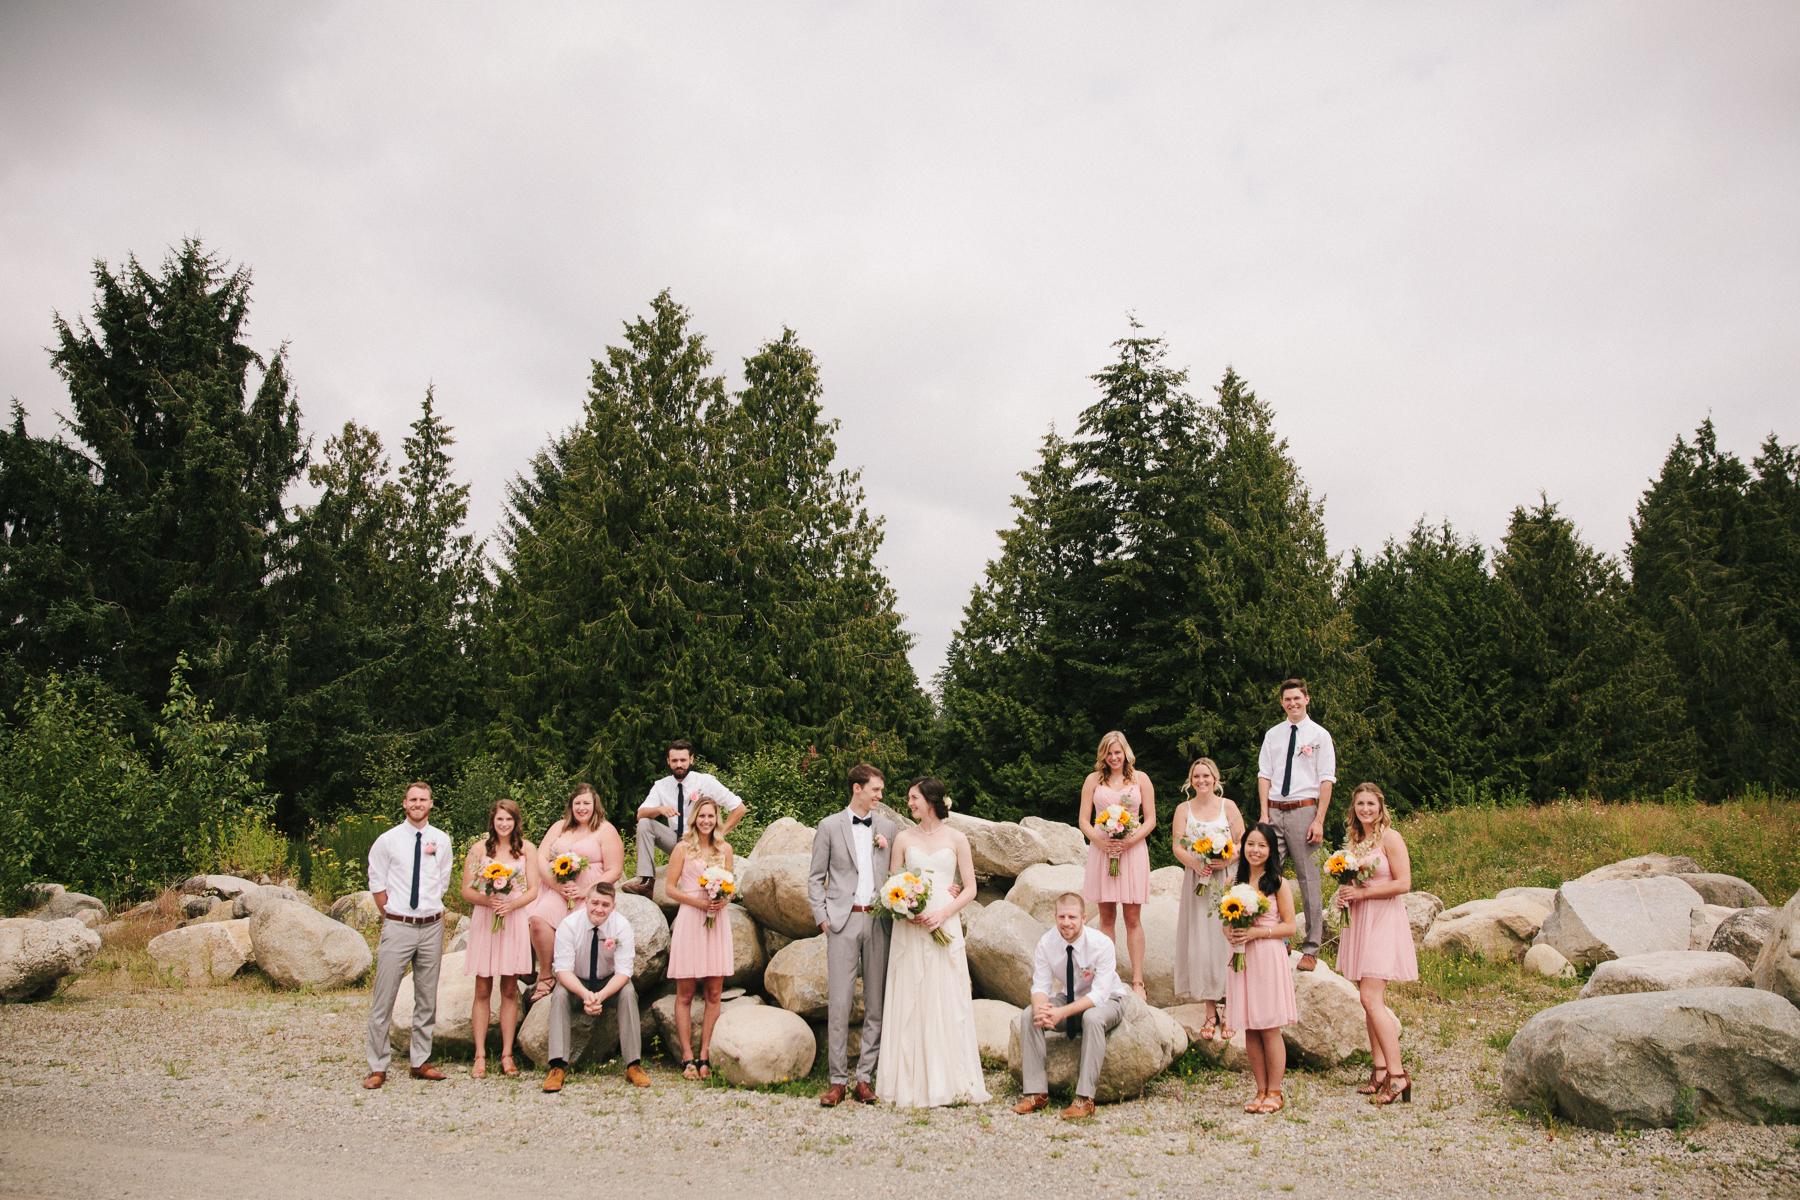 Vancouver-Rustic-Farm-Wedding-KB-053.jpg